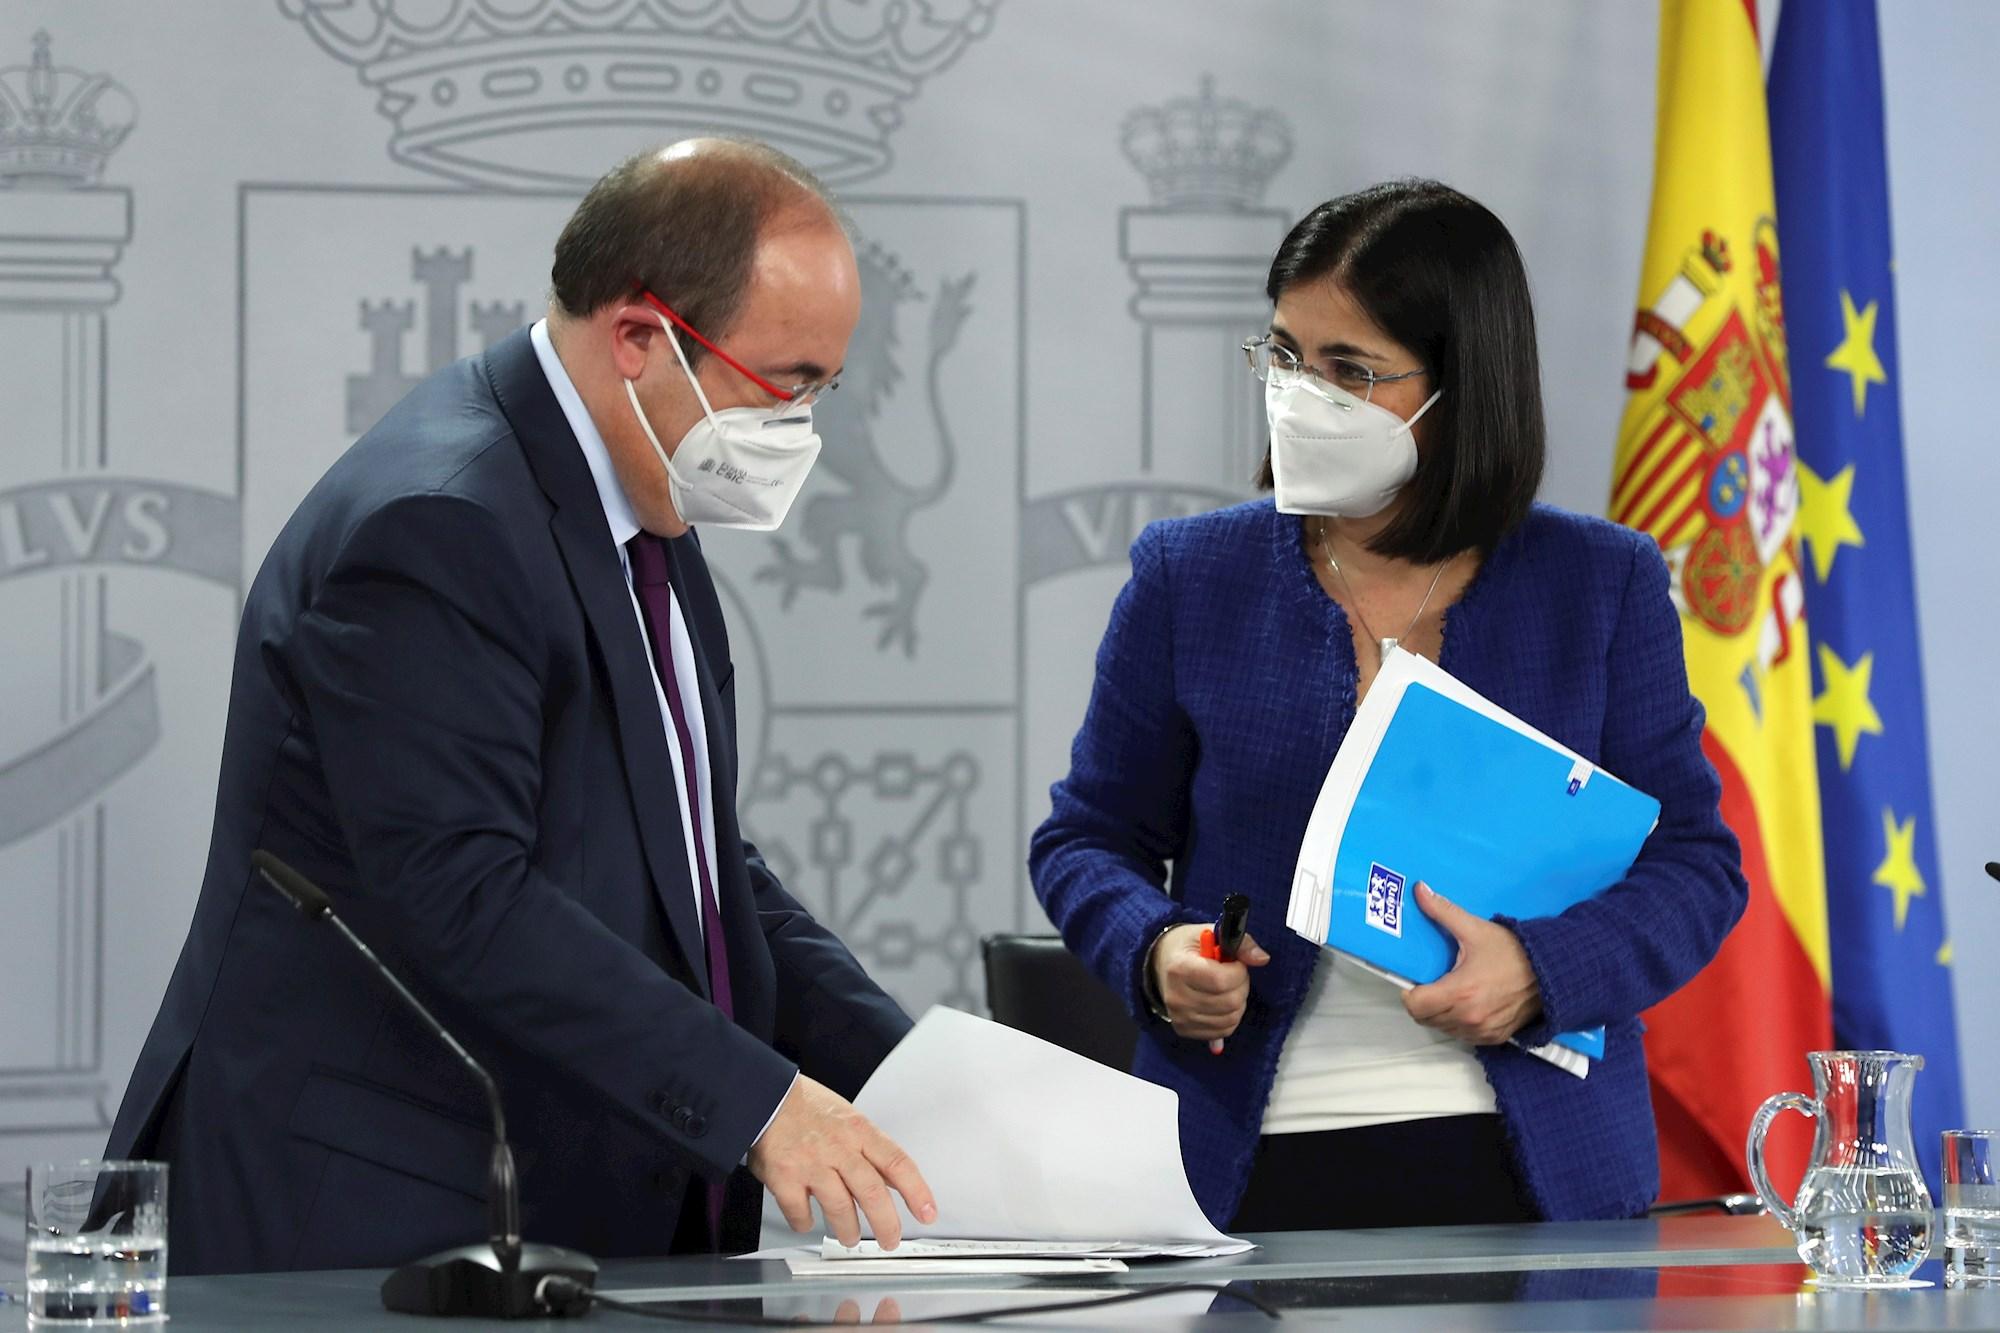 El ministro de Política Territorial, Miguel Iceta, y la ministra de Sanidad, Carolina Darias, ofrecen una rueda de prensa tras el Consejo Interterritorial de Sanidad este jueves en Madrid. EFE/Kiko Huesca